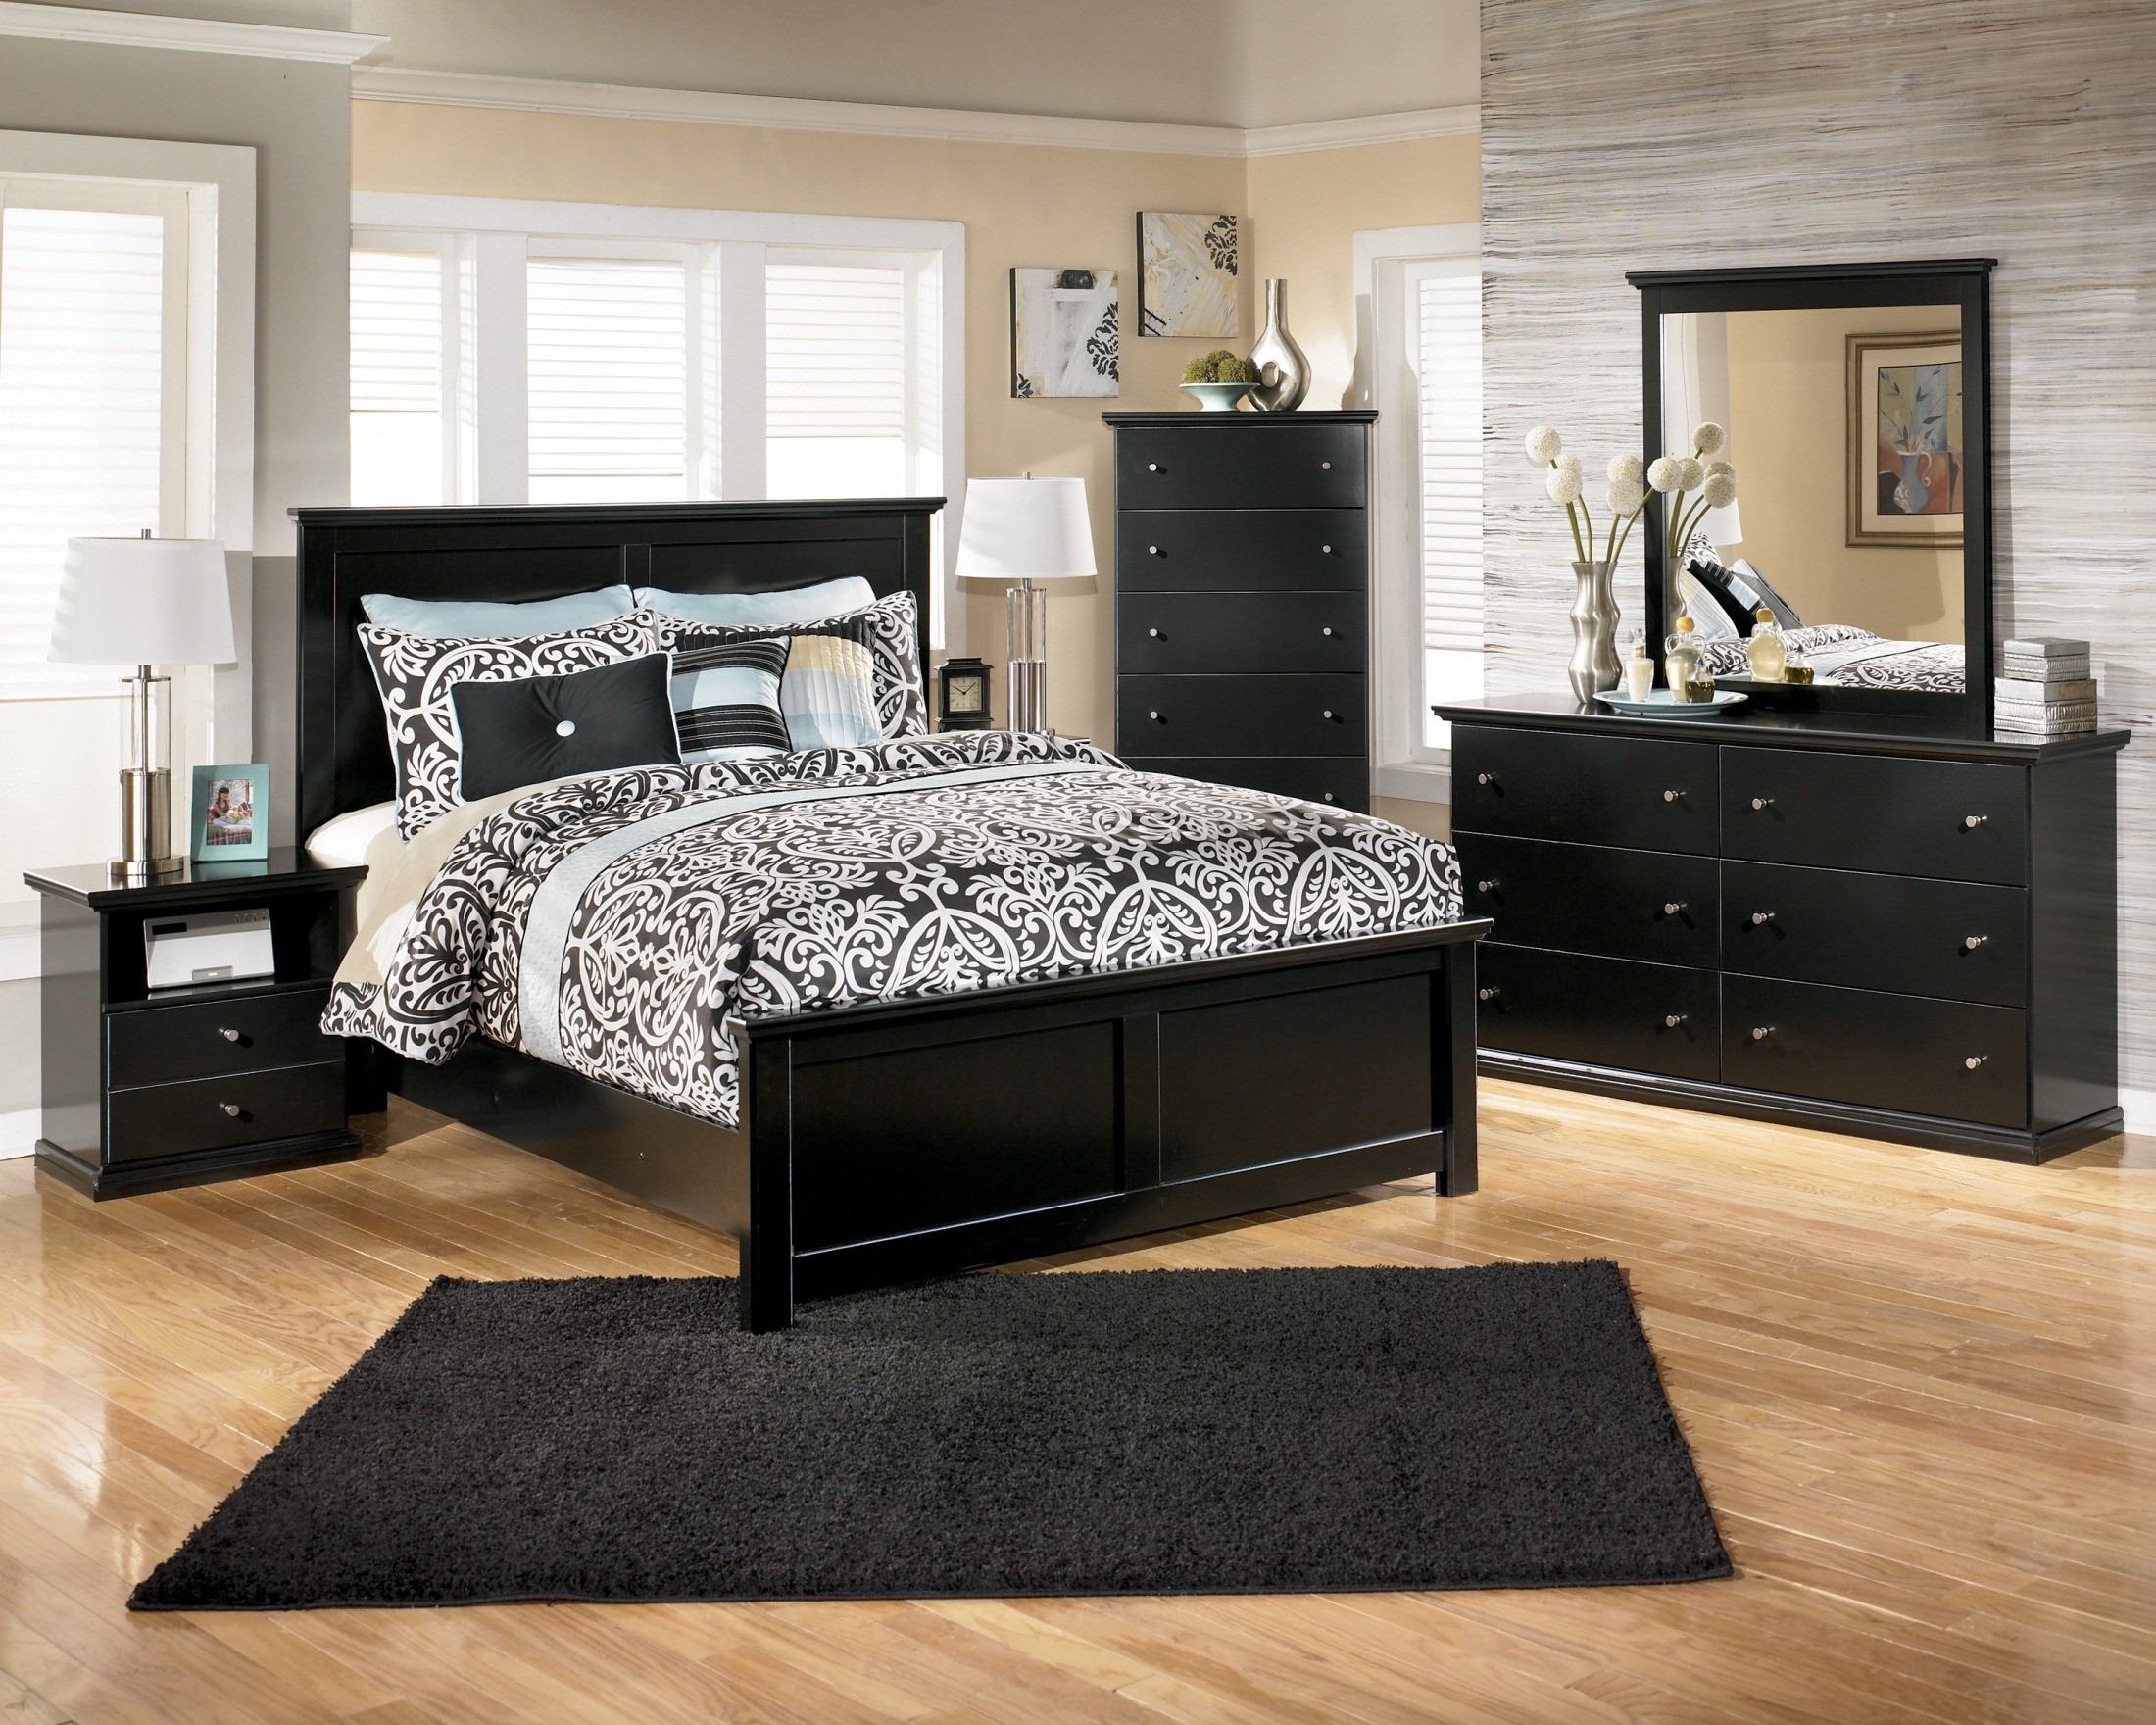 american furniture bedroom sets. American Furniture Bedroom Sets Amazing Ideas A1houstoncom  dact us